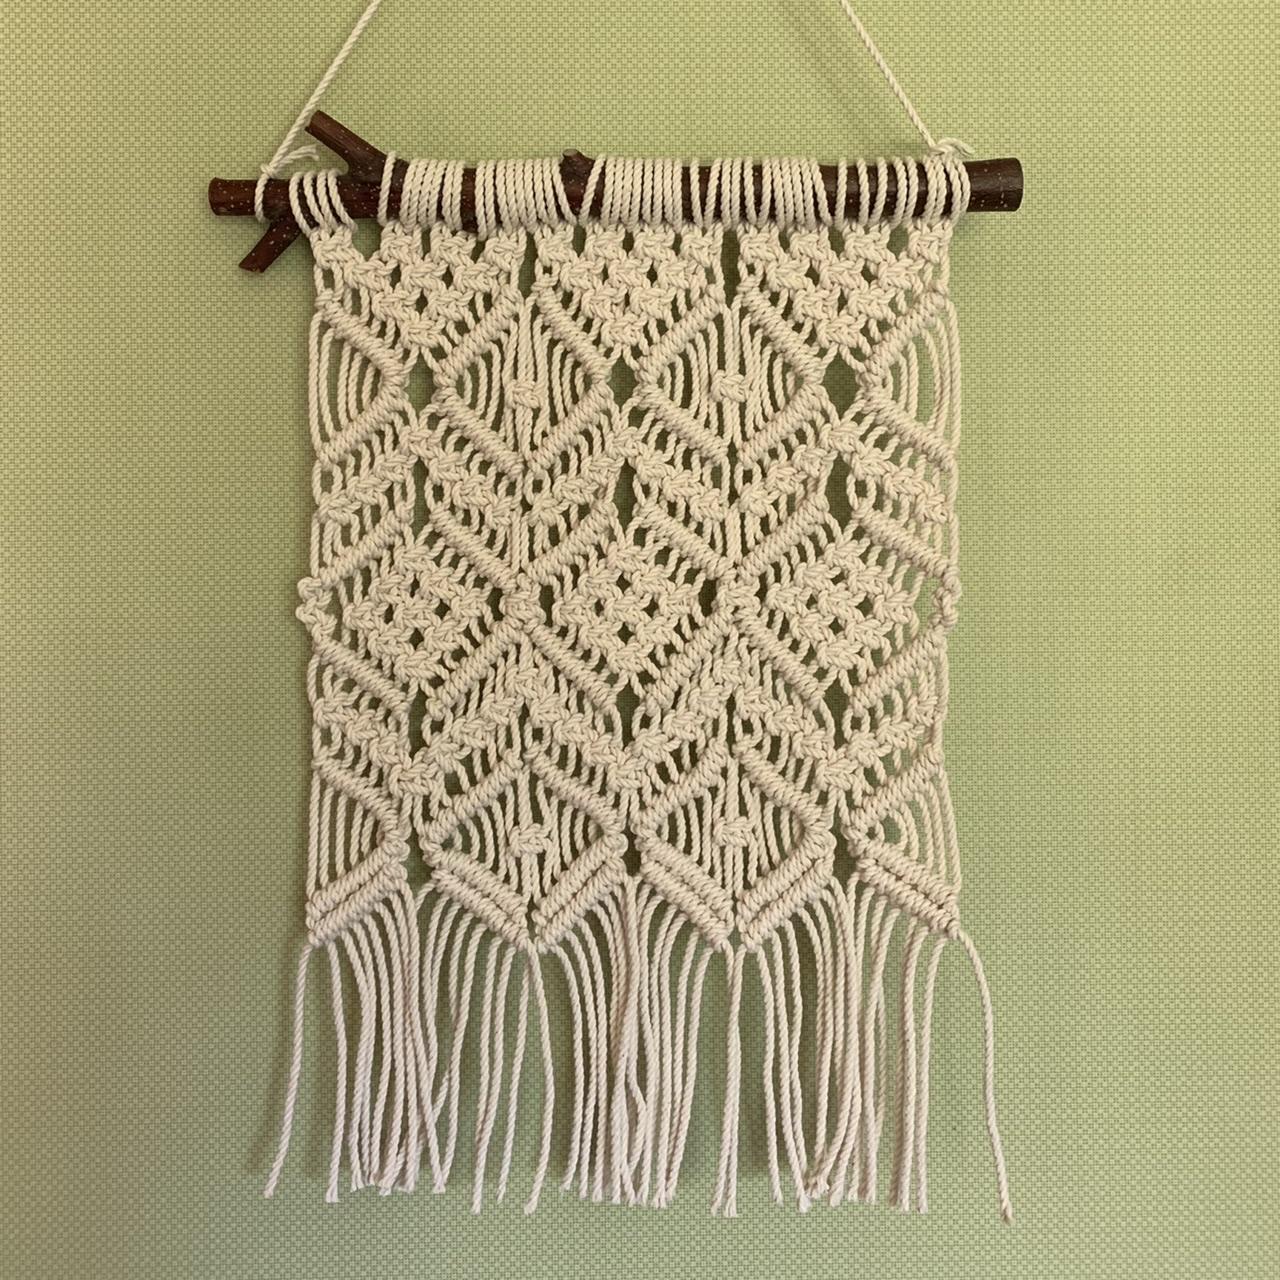 編み マクラメ マクラメプラントハンガーの作り方